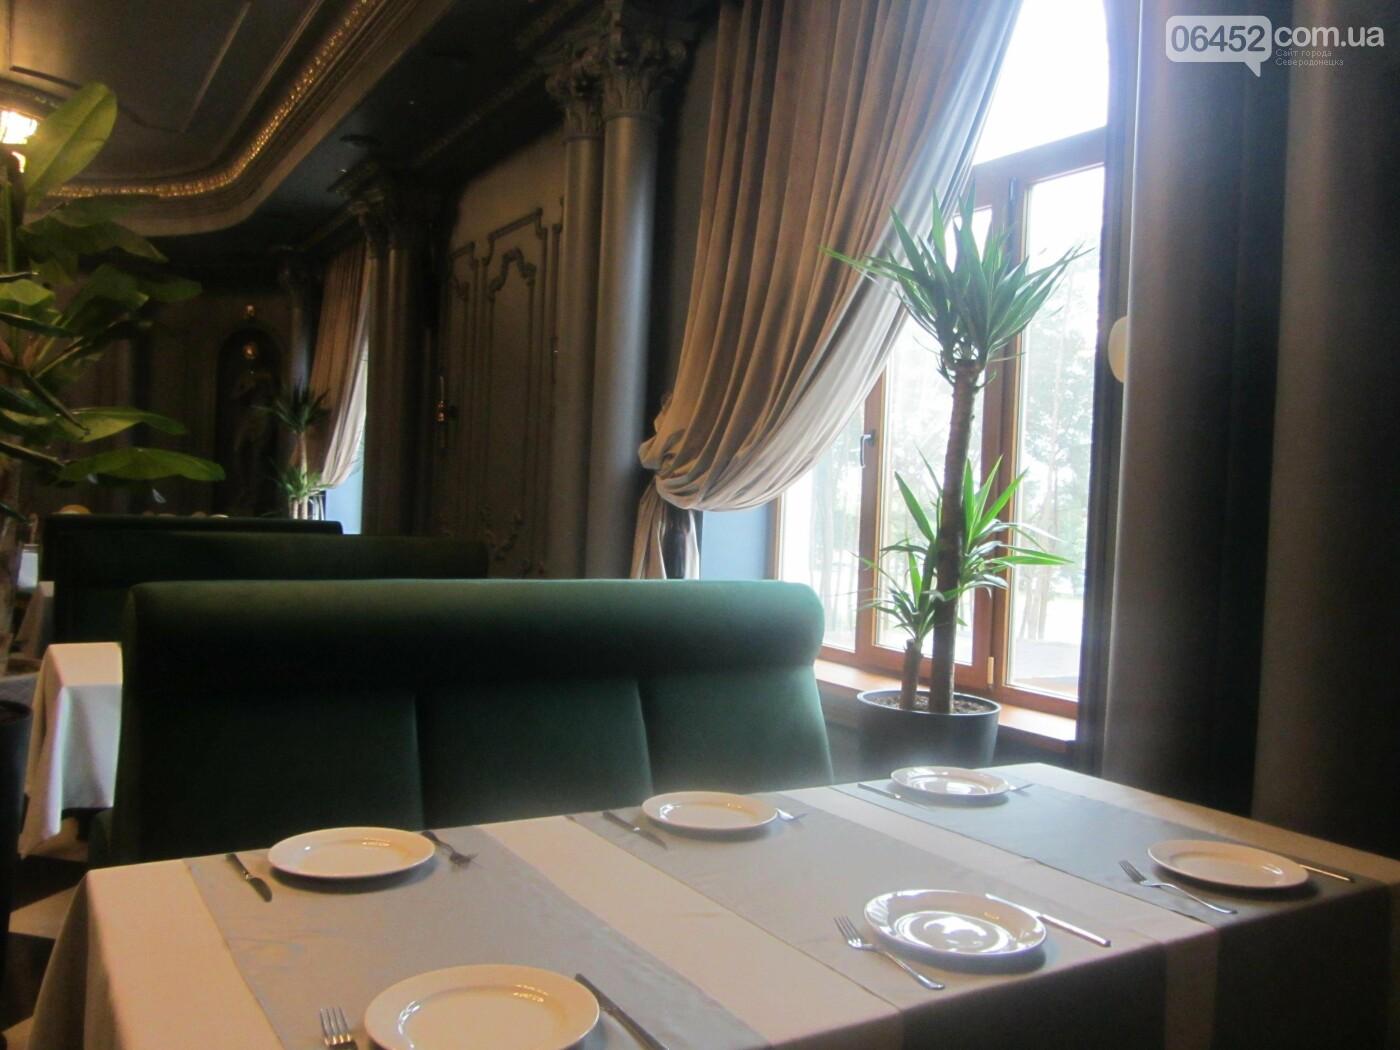 Как изменился интерьер в «Golden Palace» с переездом ресторана «Соль. Остальное мясо», фото-16